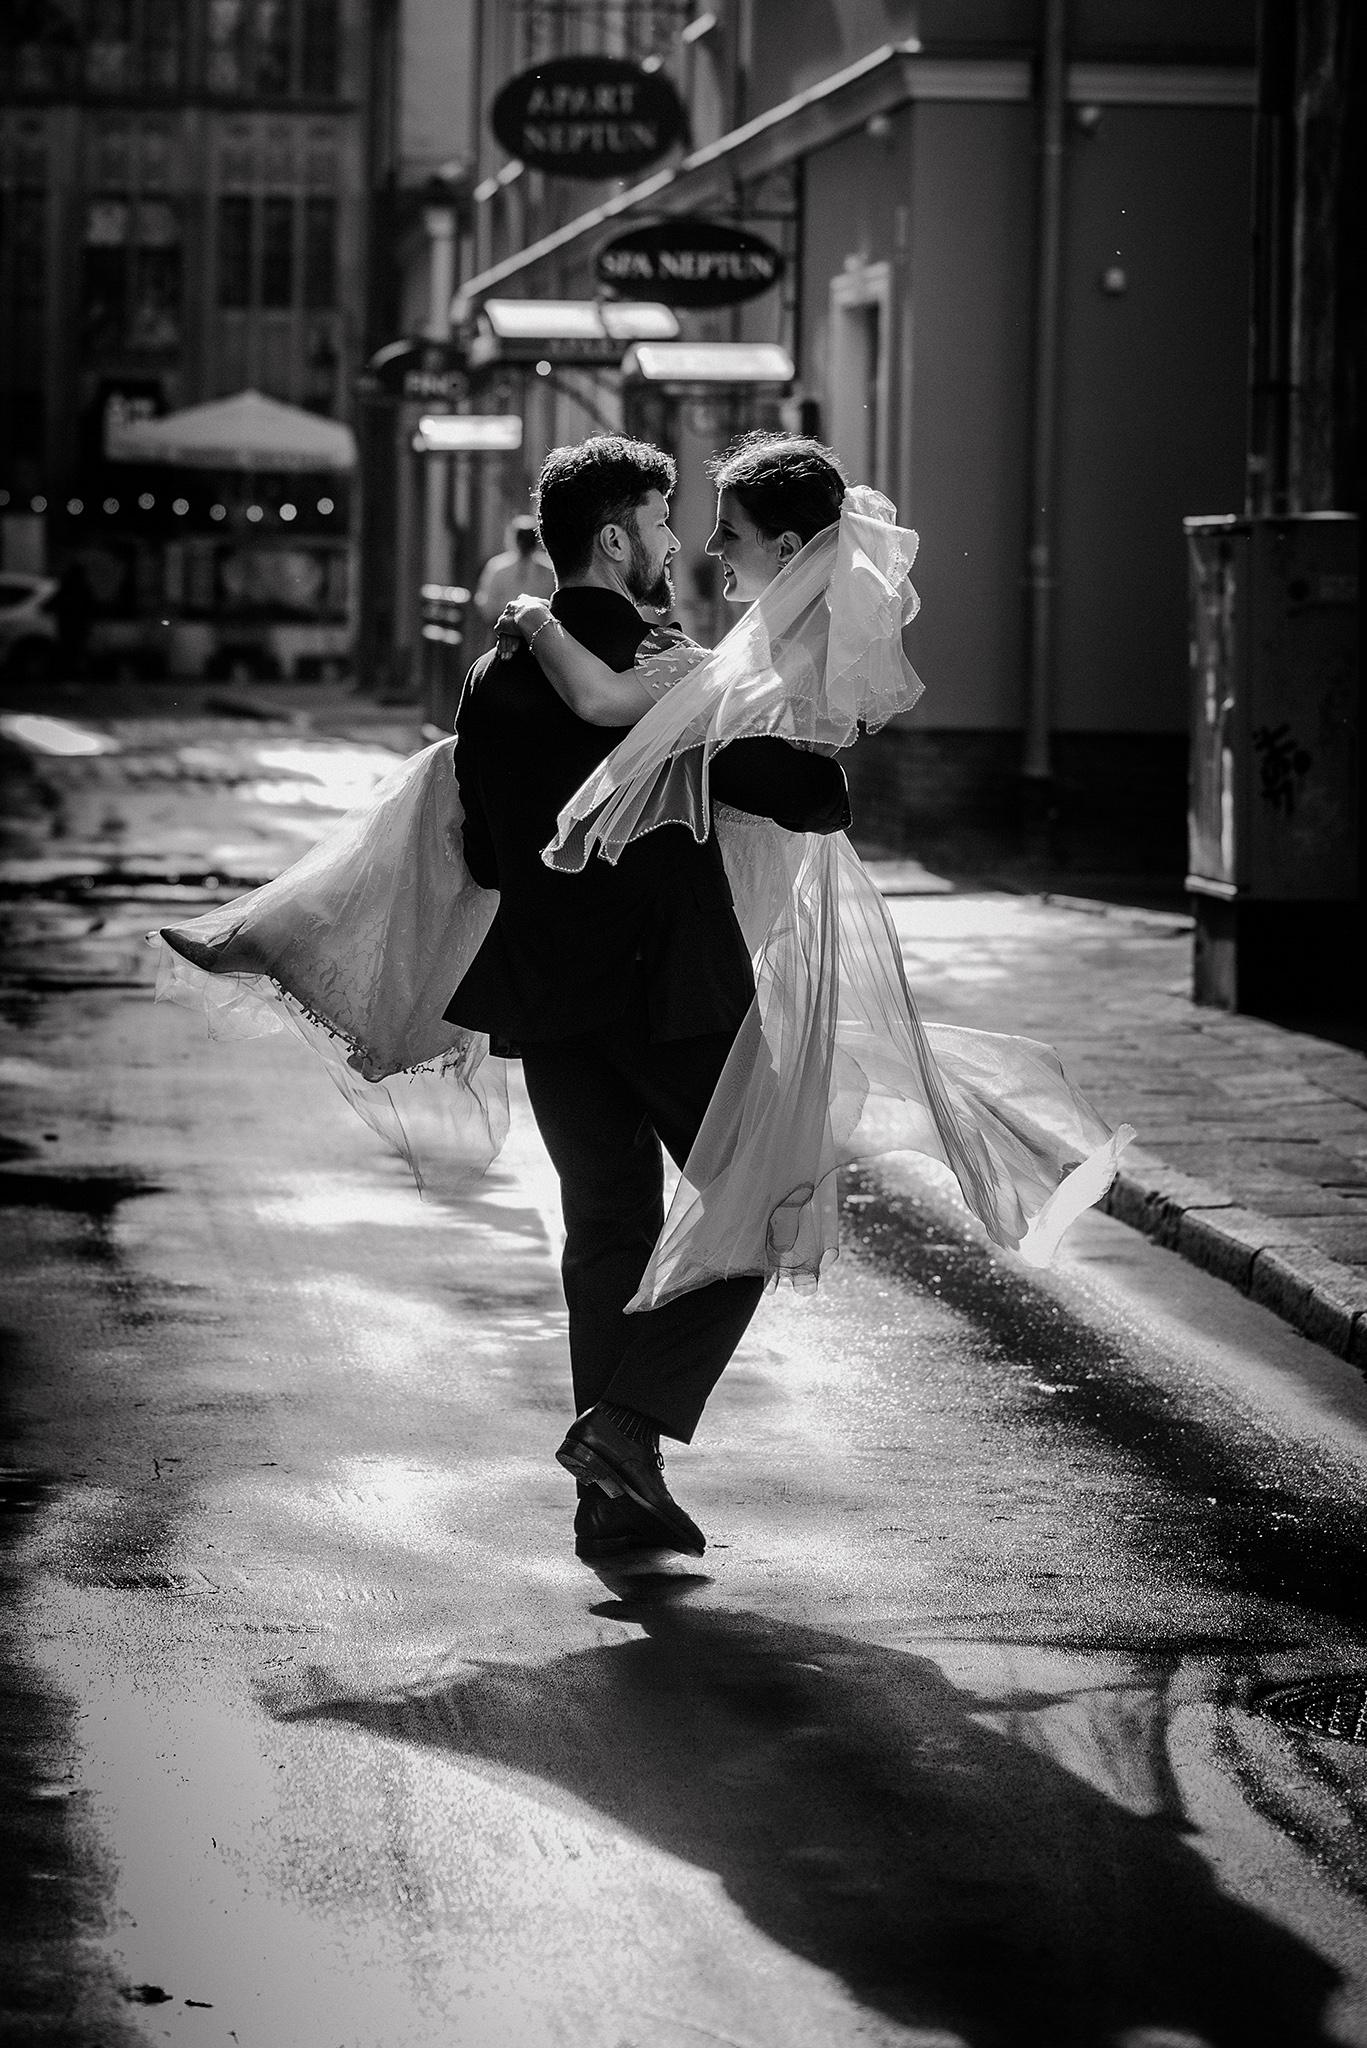 zakochani tańczący na ulicy